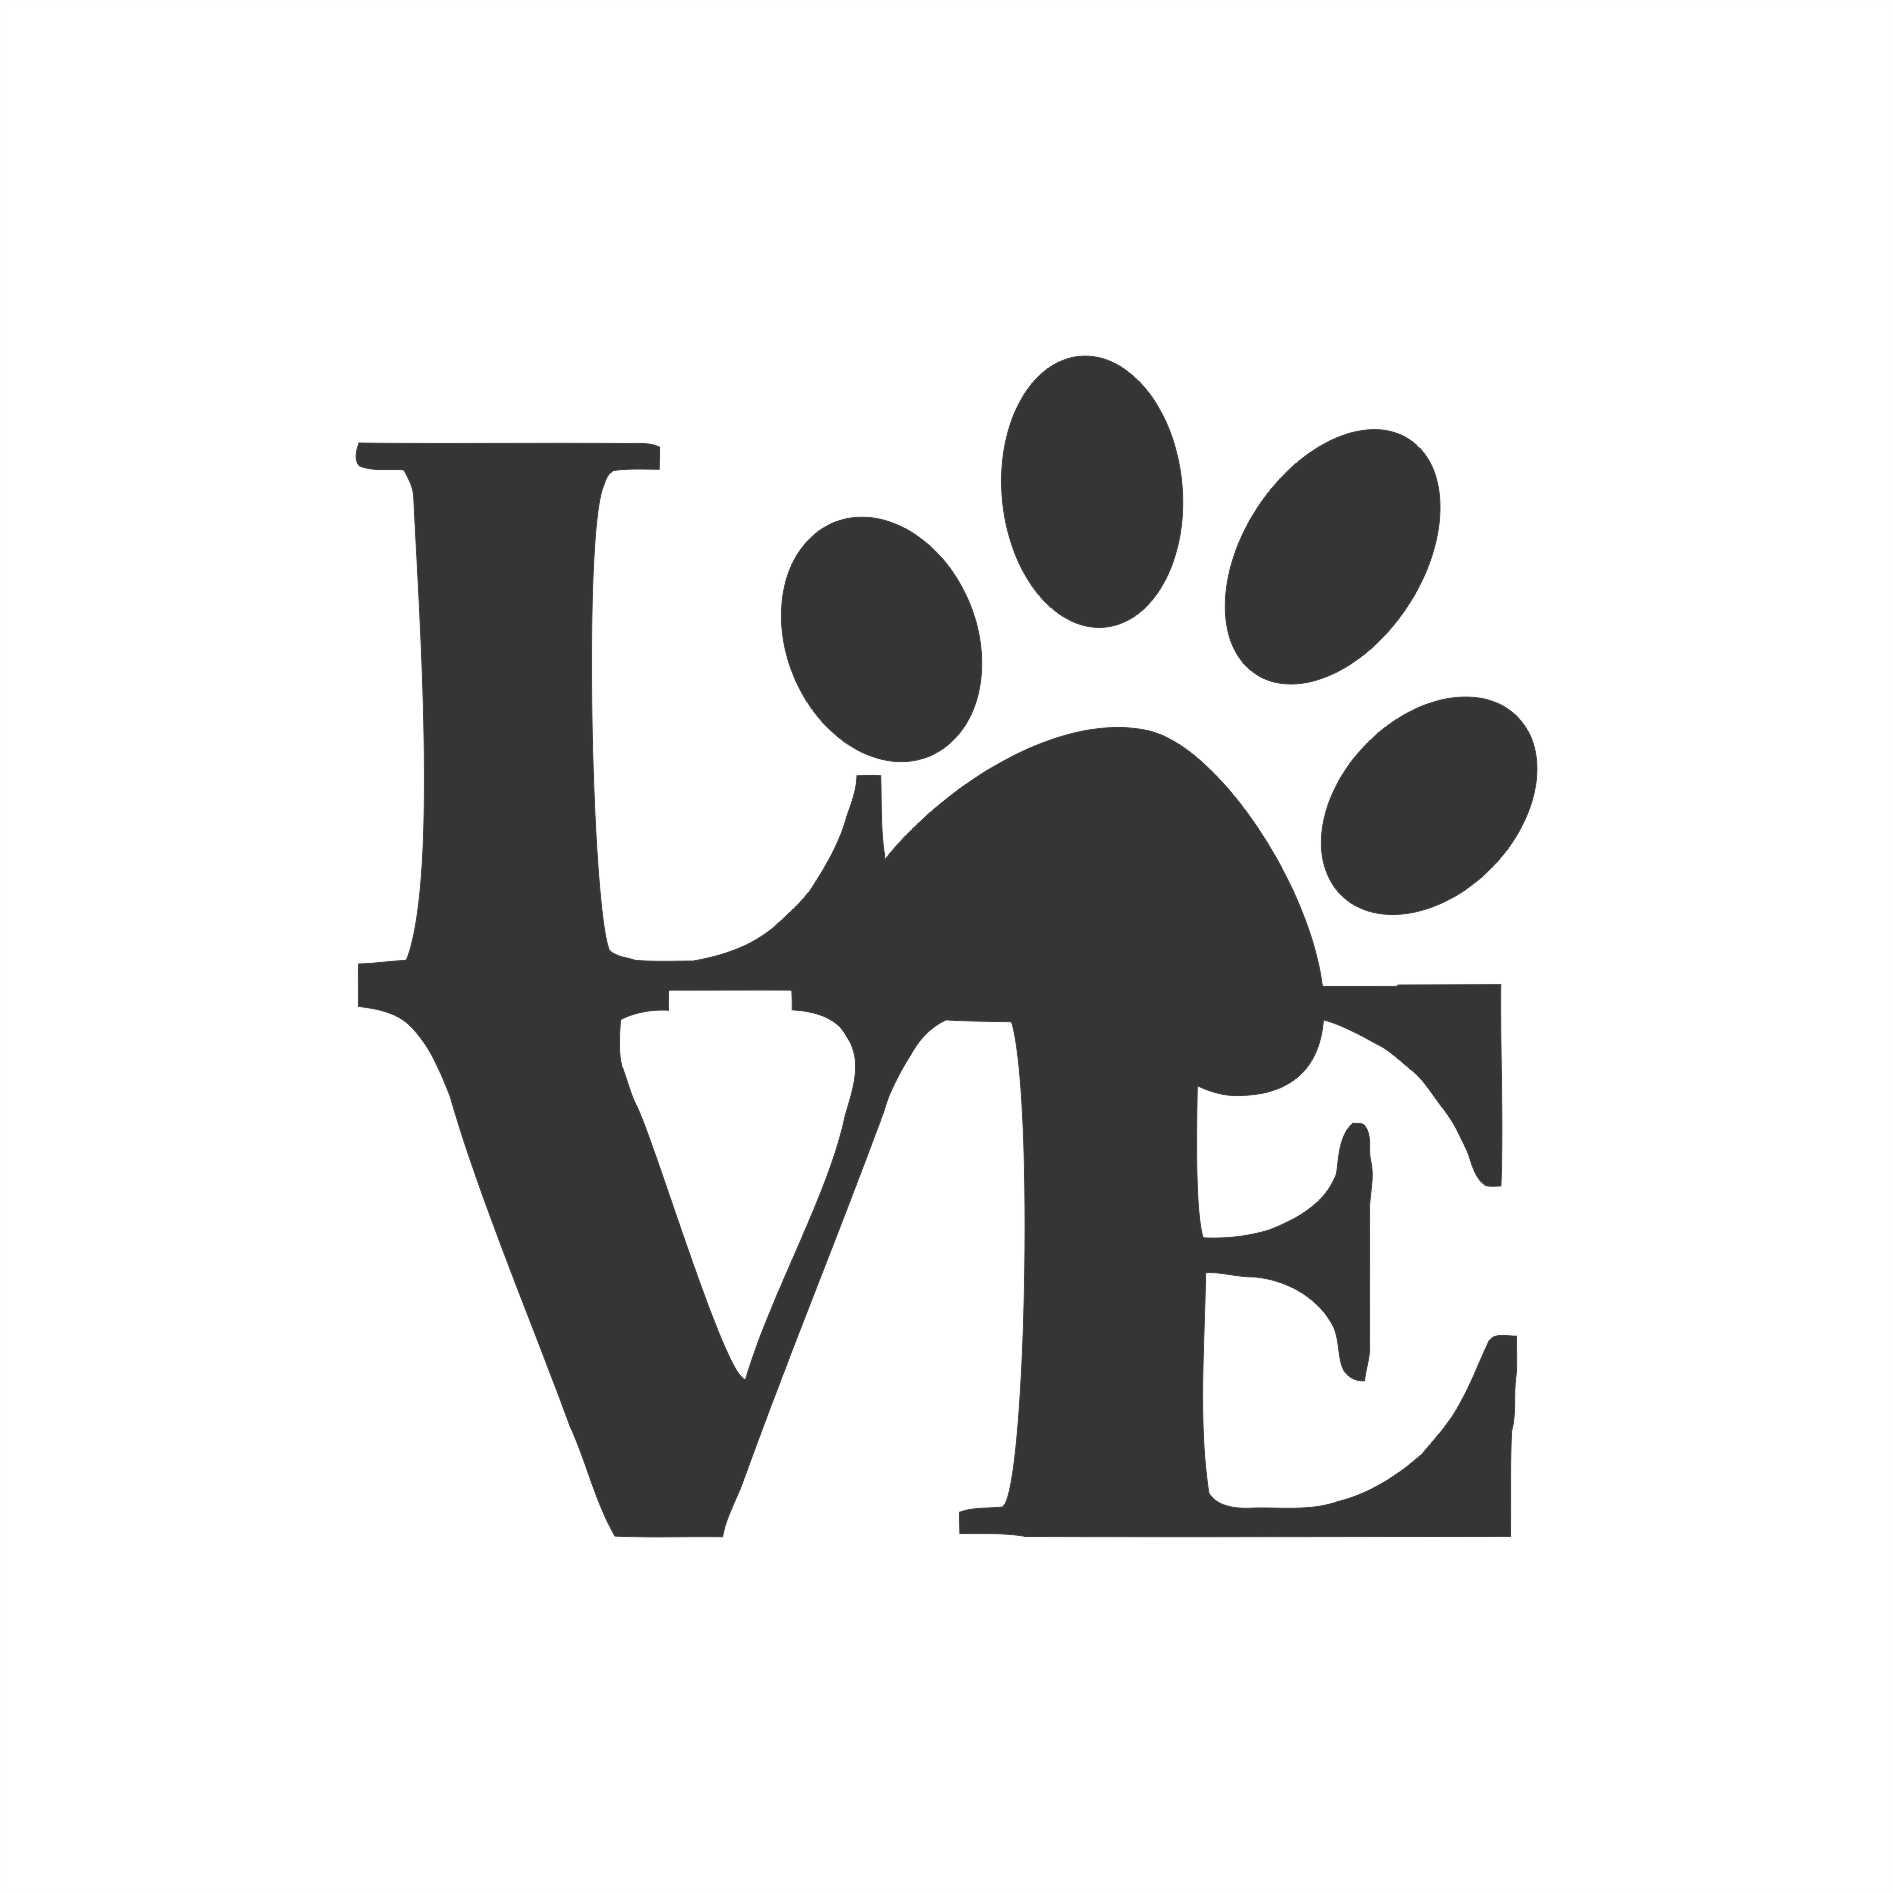 Cute Paw Print Wallpaper Adesivo Patas Patinha Cachorro Dog Pet Queen Ind 218 Stria